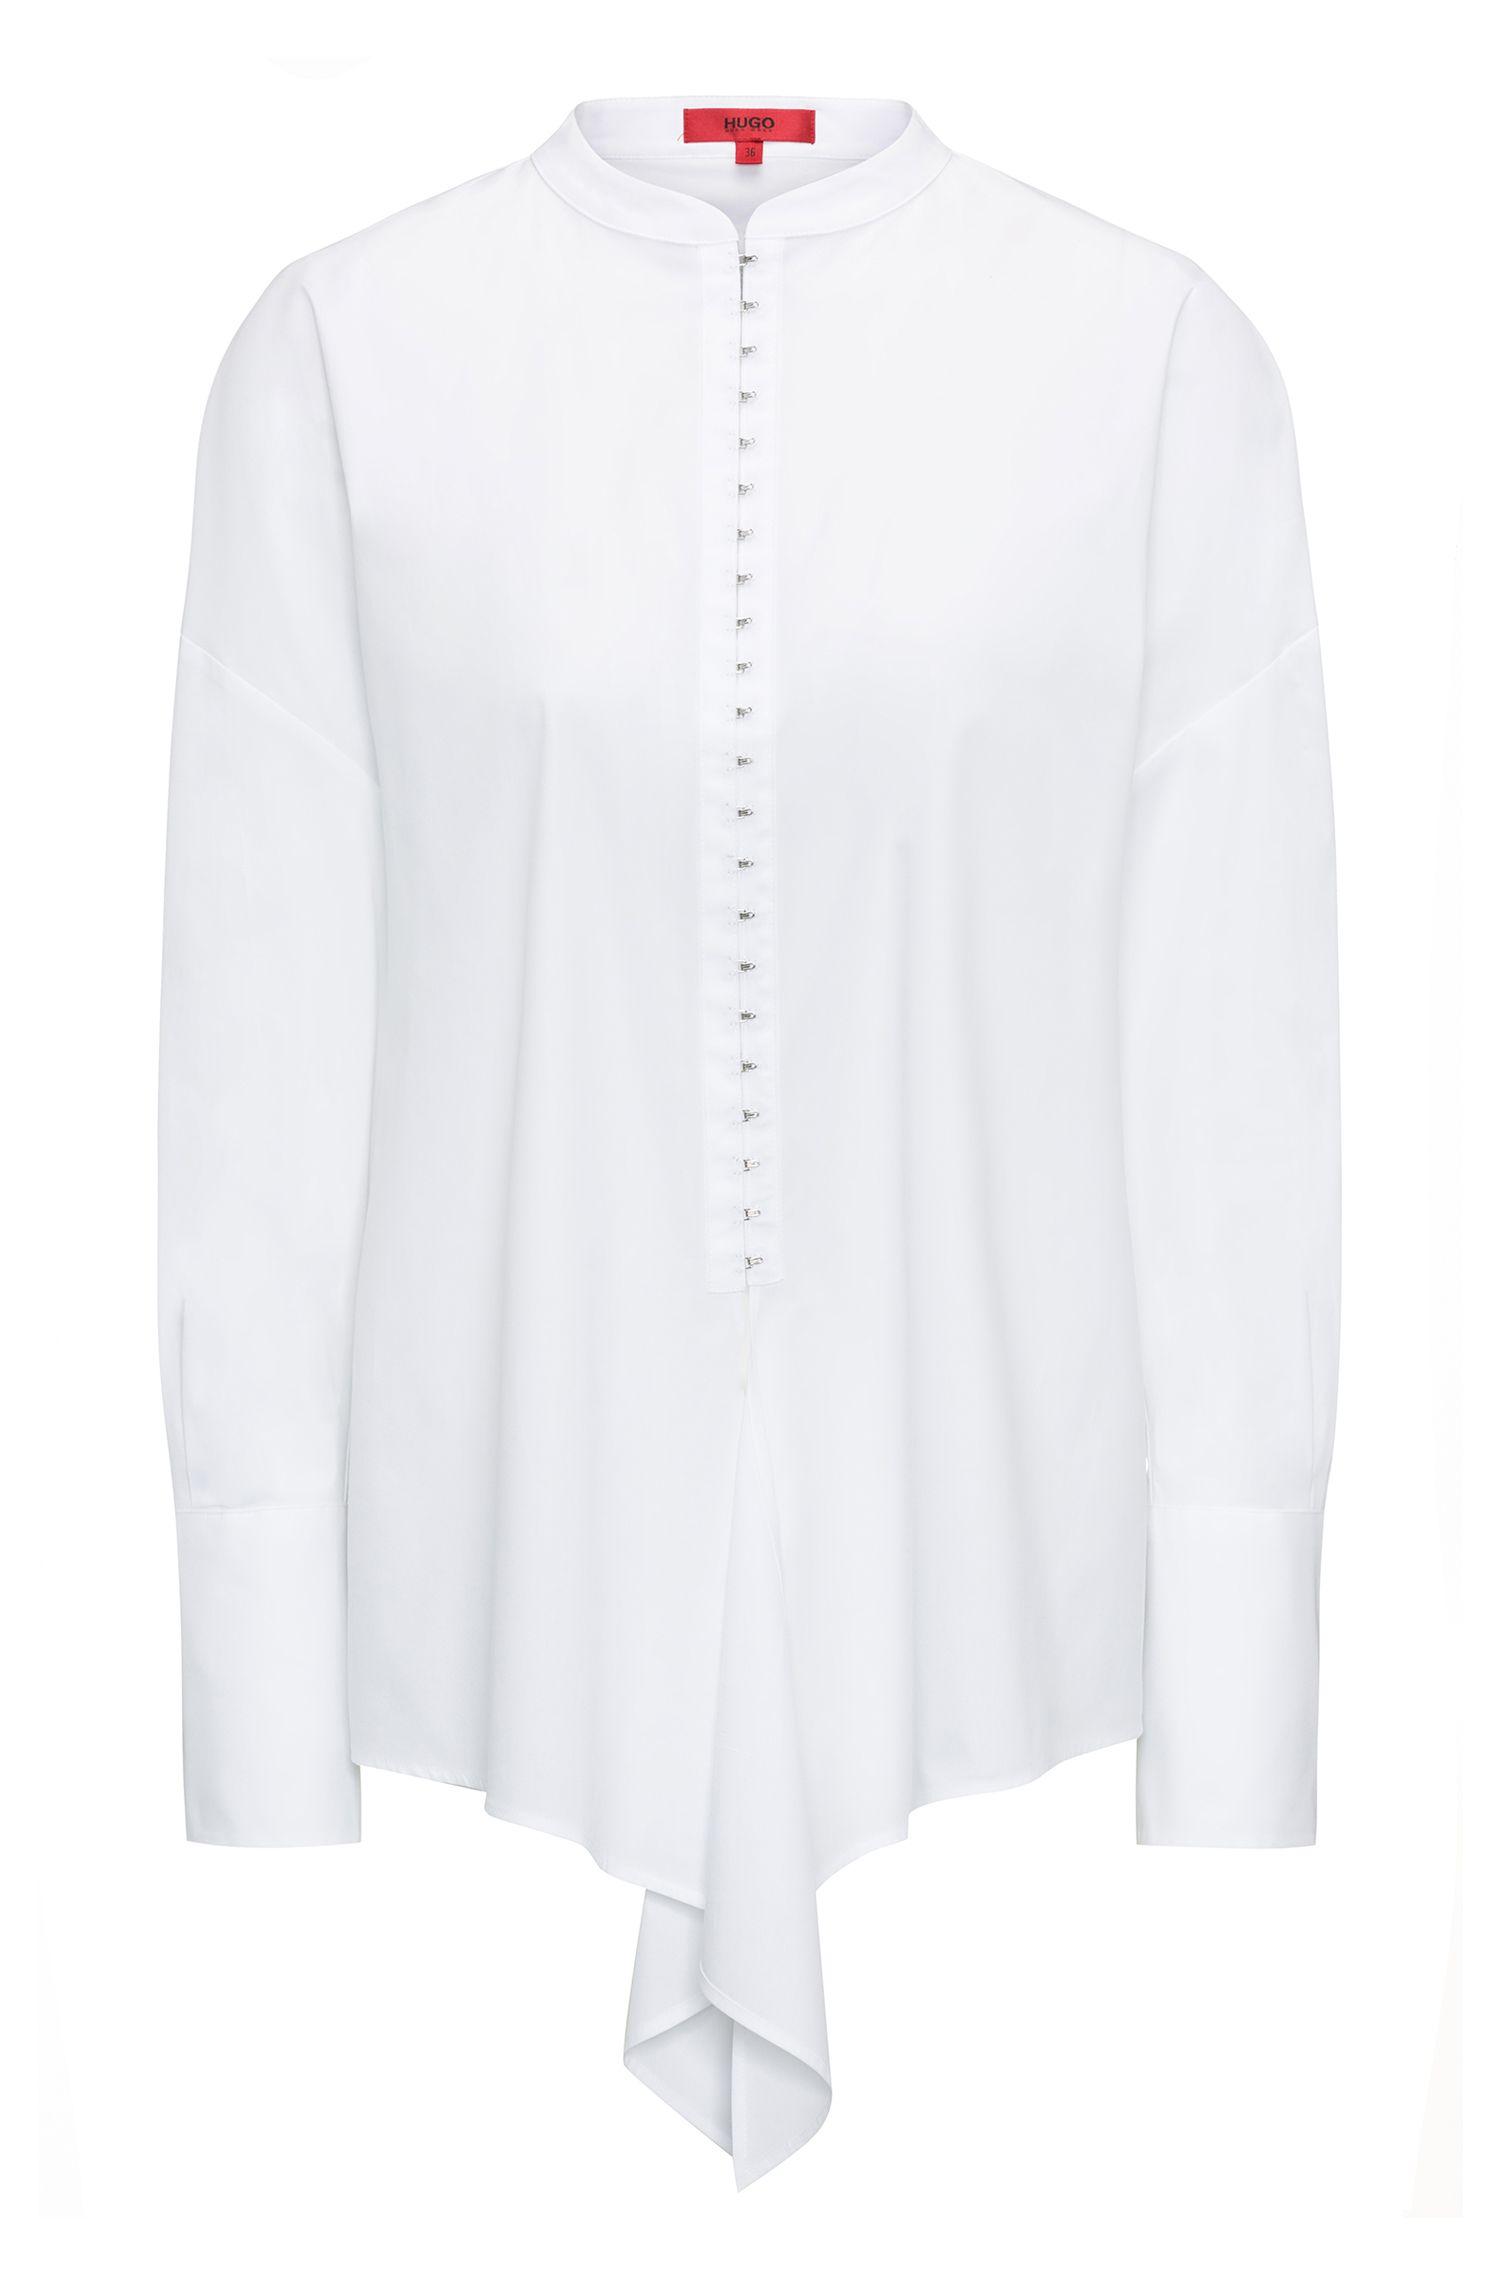 Blusa extragrande en popelín de algodón elástico